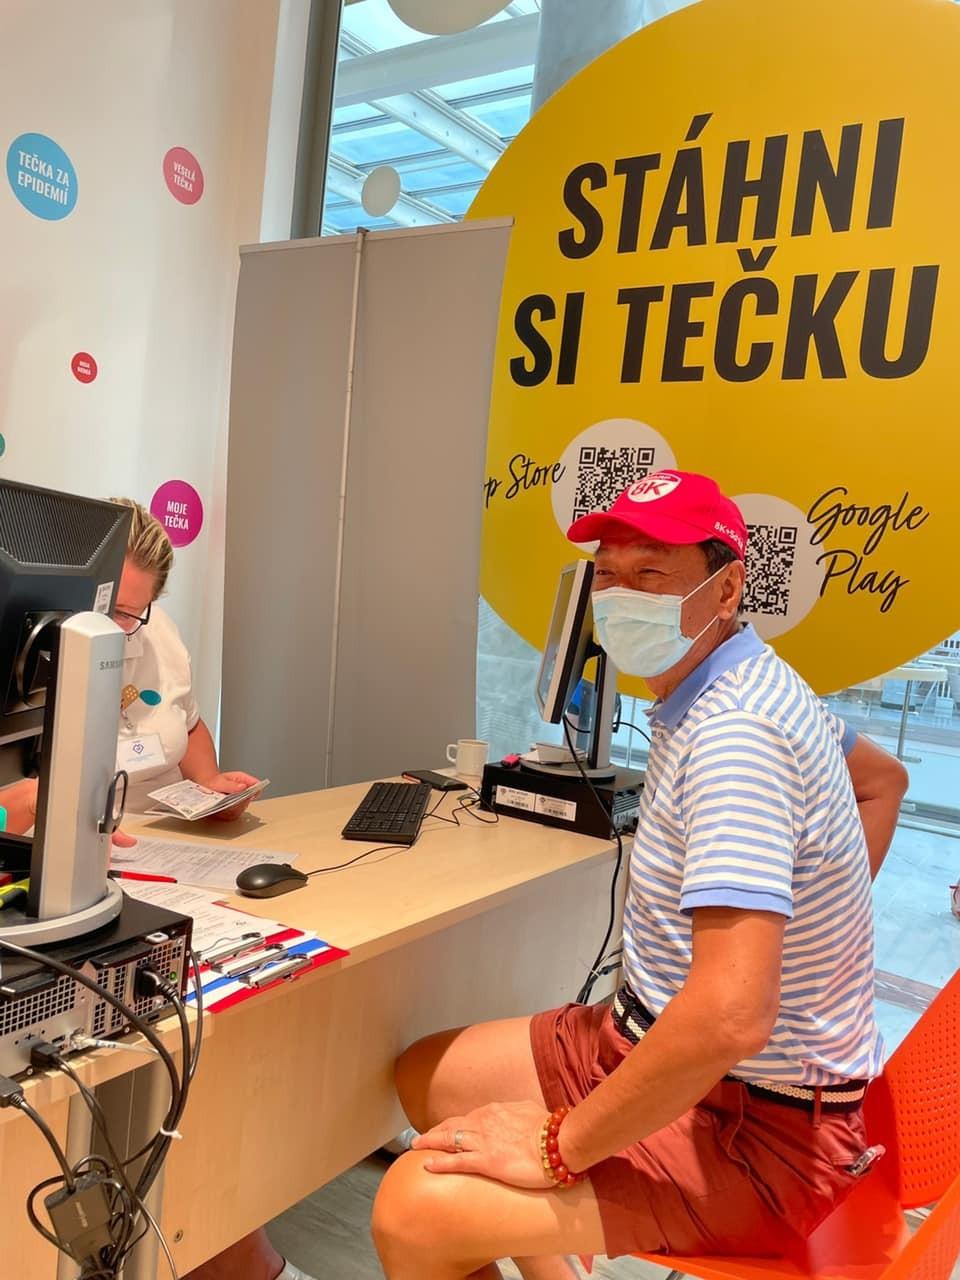 郭台銘及他的家人8月前往歐洲,並在捷克布拉格施打COVID-19疫苗(圖, 取自臉書) ,取得歐盟證明繼續在歐洲的行程,主要目...